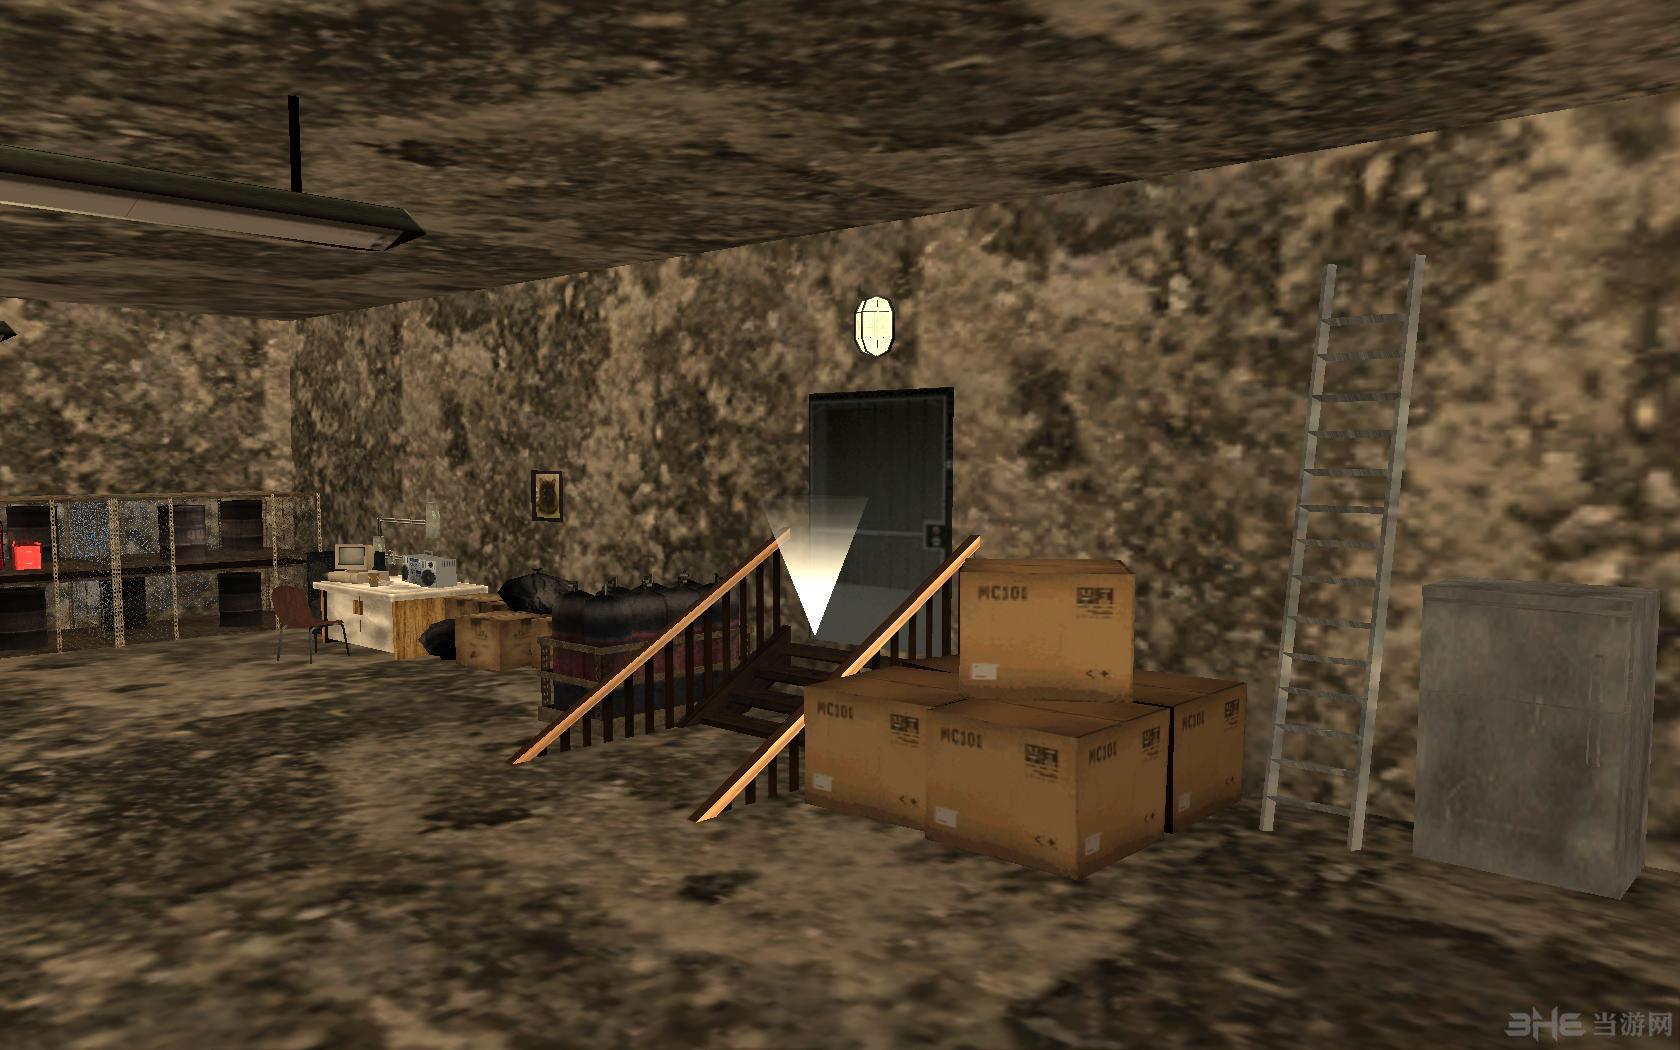 侠盗猎车手圣安地列斯地下室地图MOD截图1